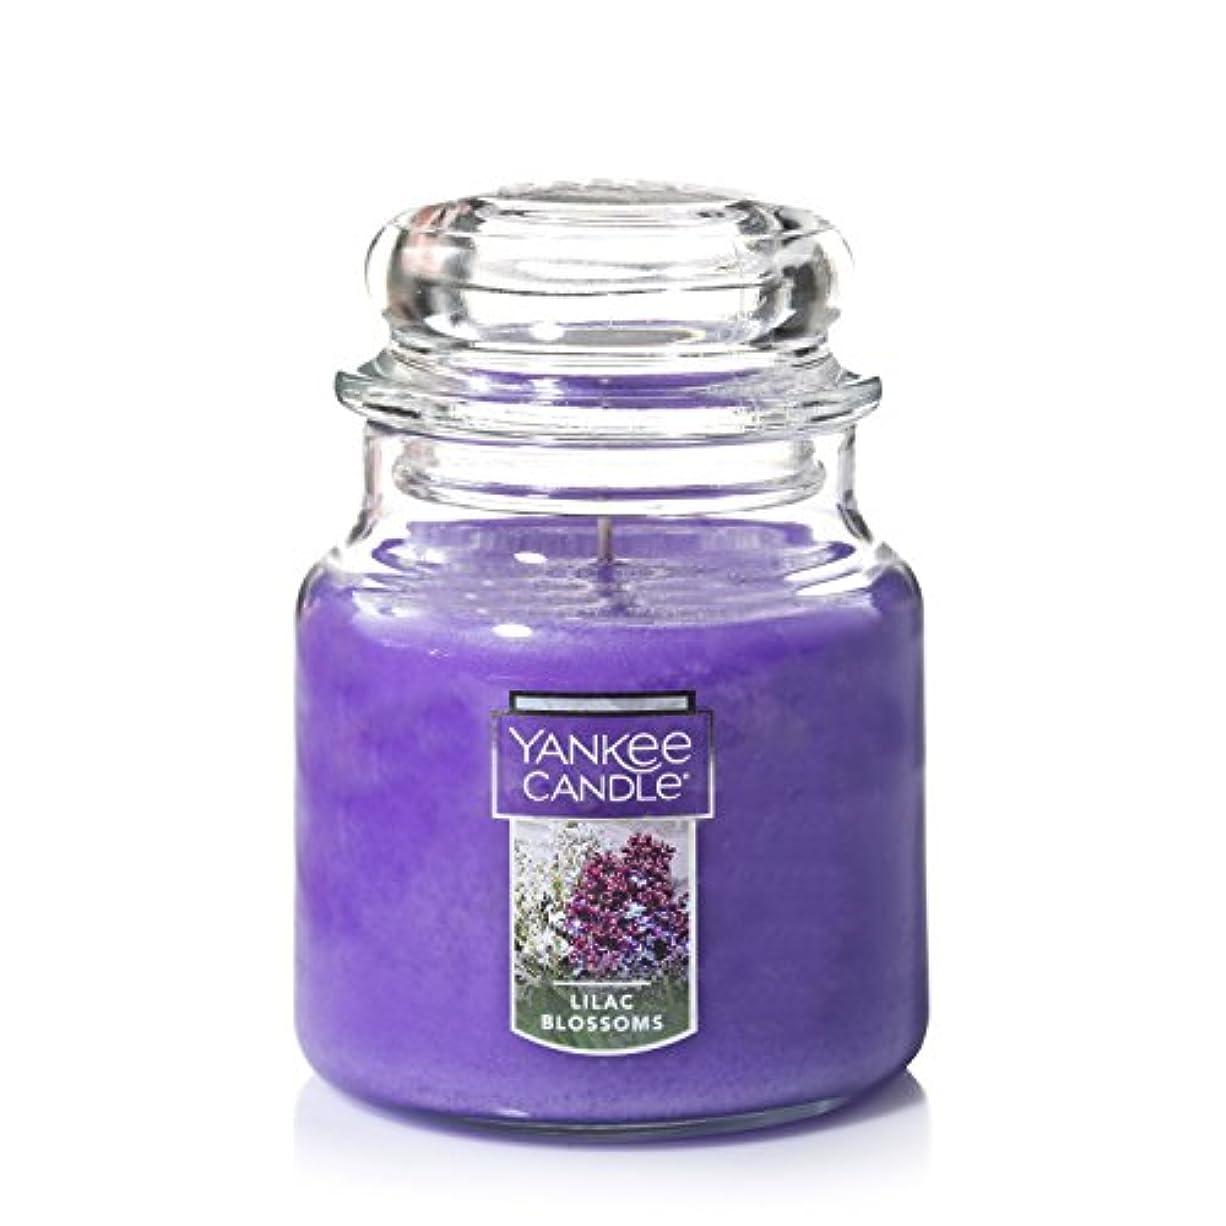 正しく治療ラジエーターYankee CandleライラックBlossoms Medium Jar 14.5oz Candle One パープル 1006996